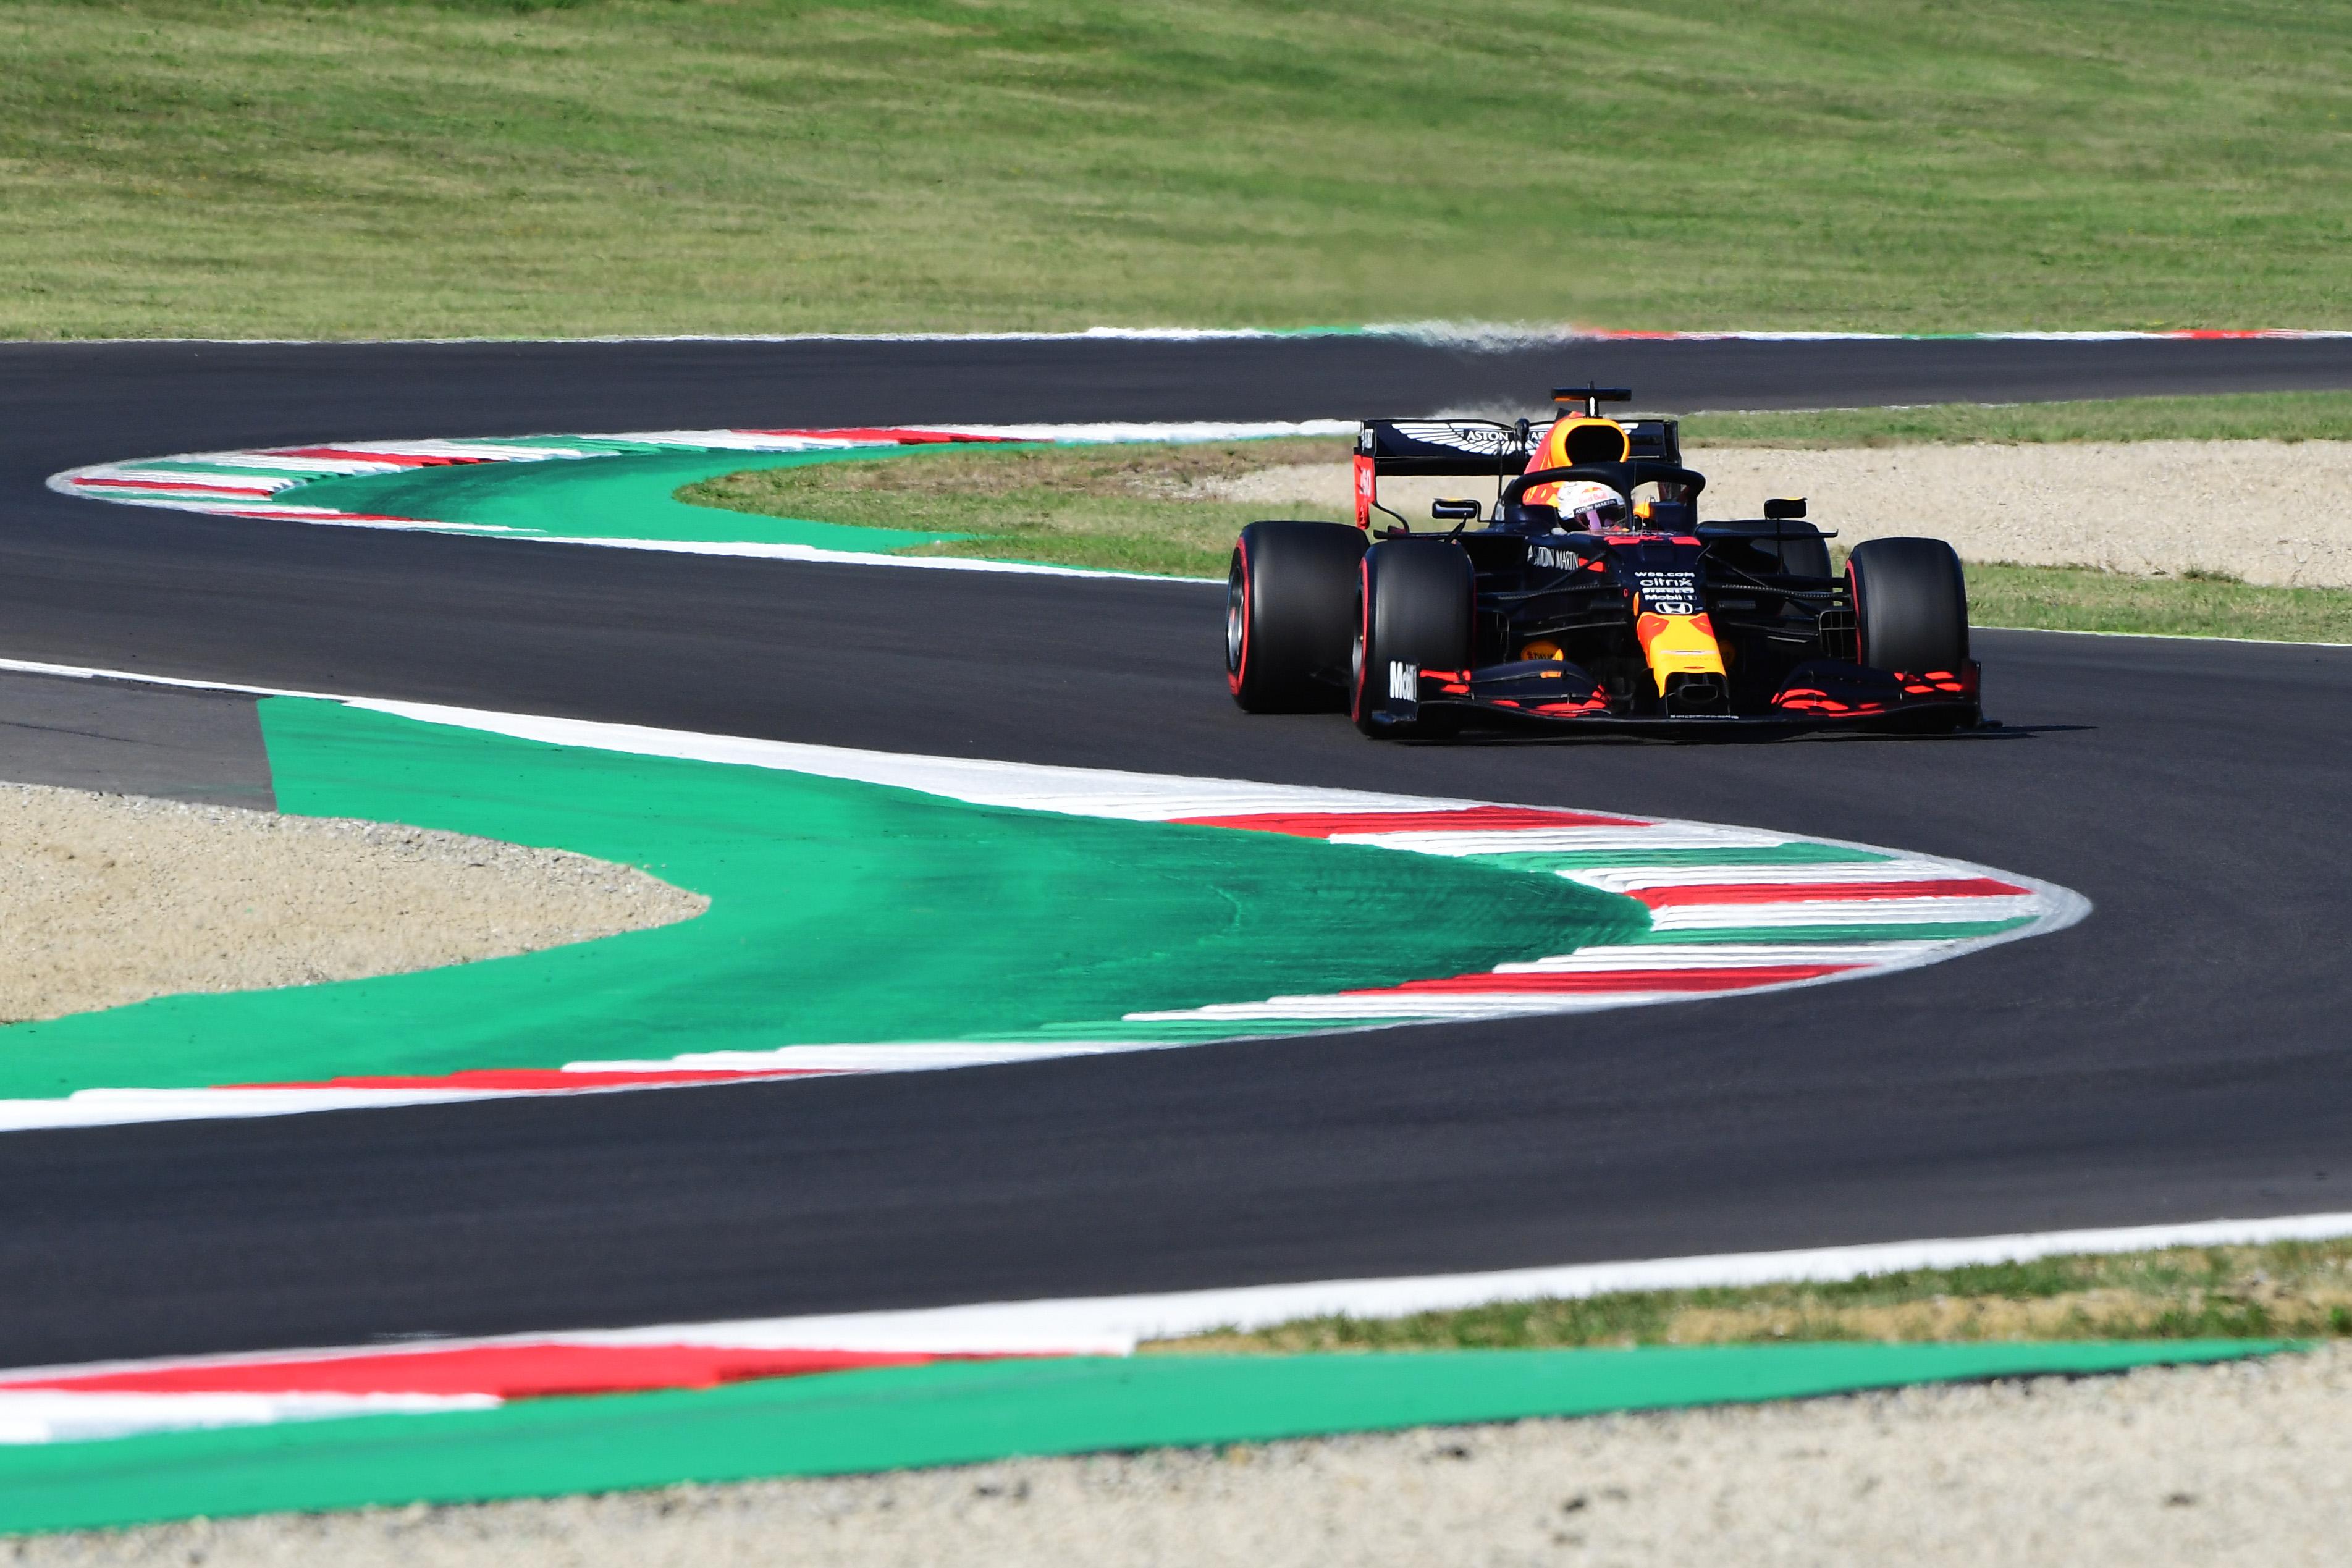 Max Verstappen vroeg klaar in Toscaanse GP na crash: